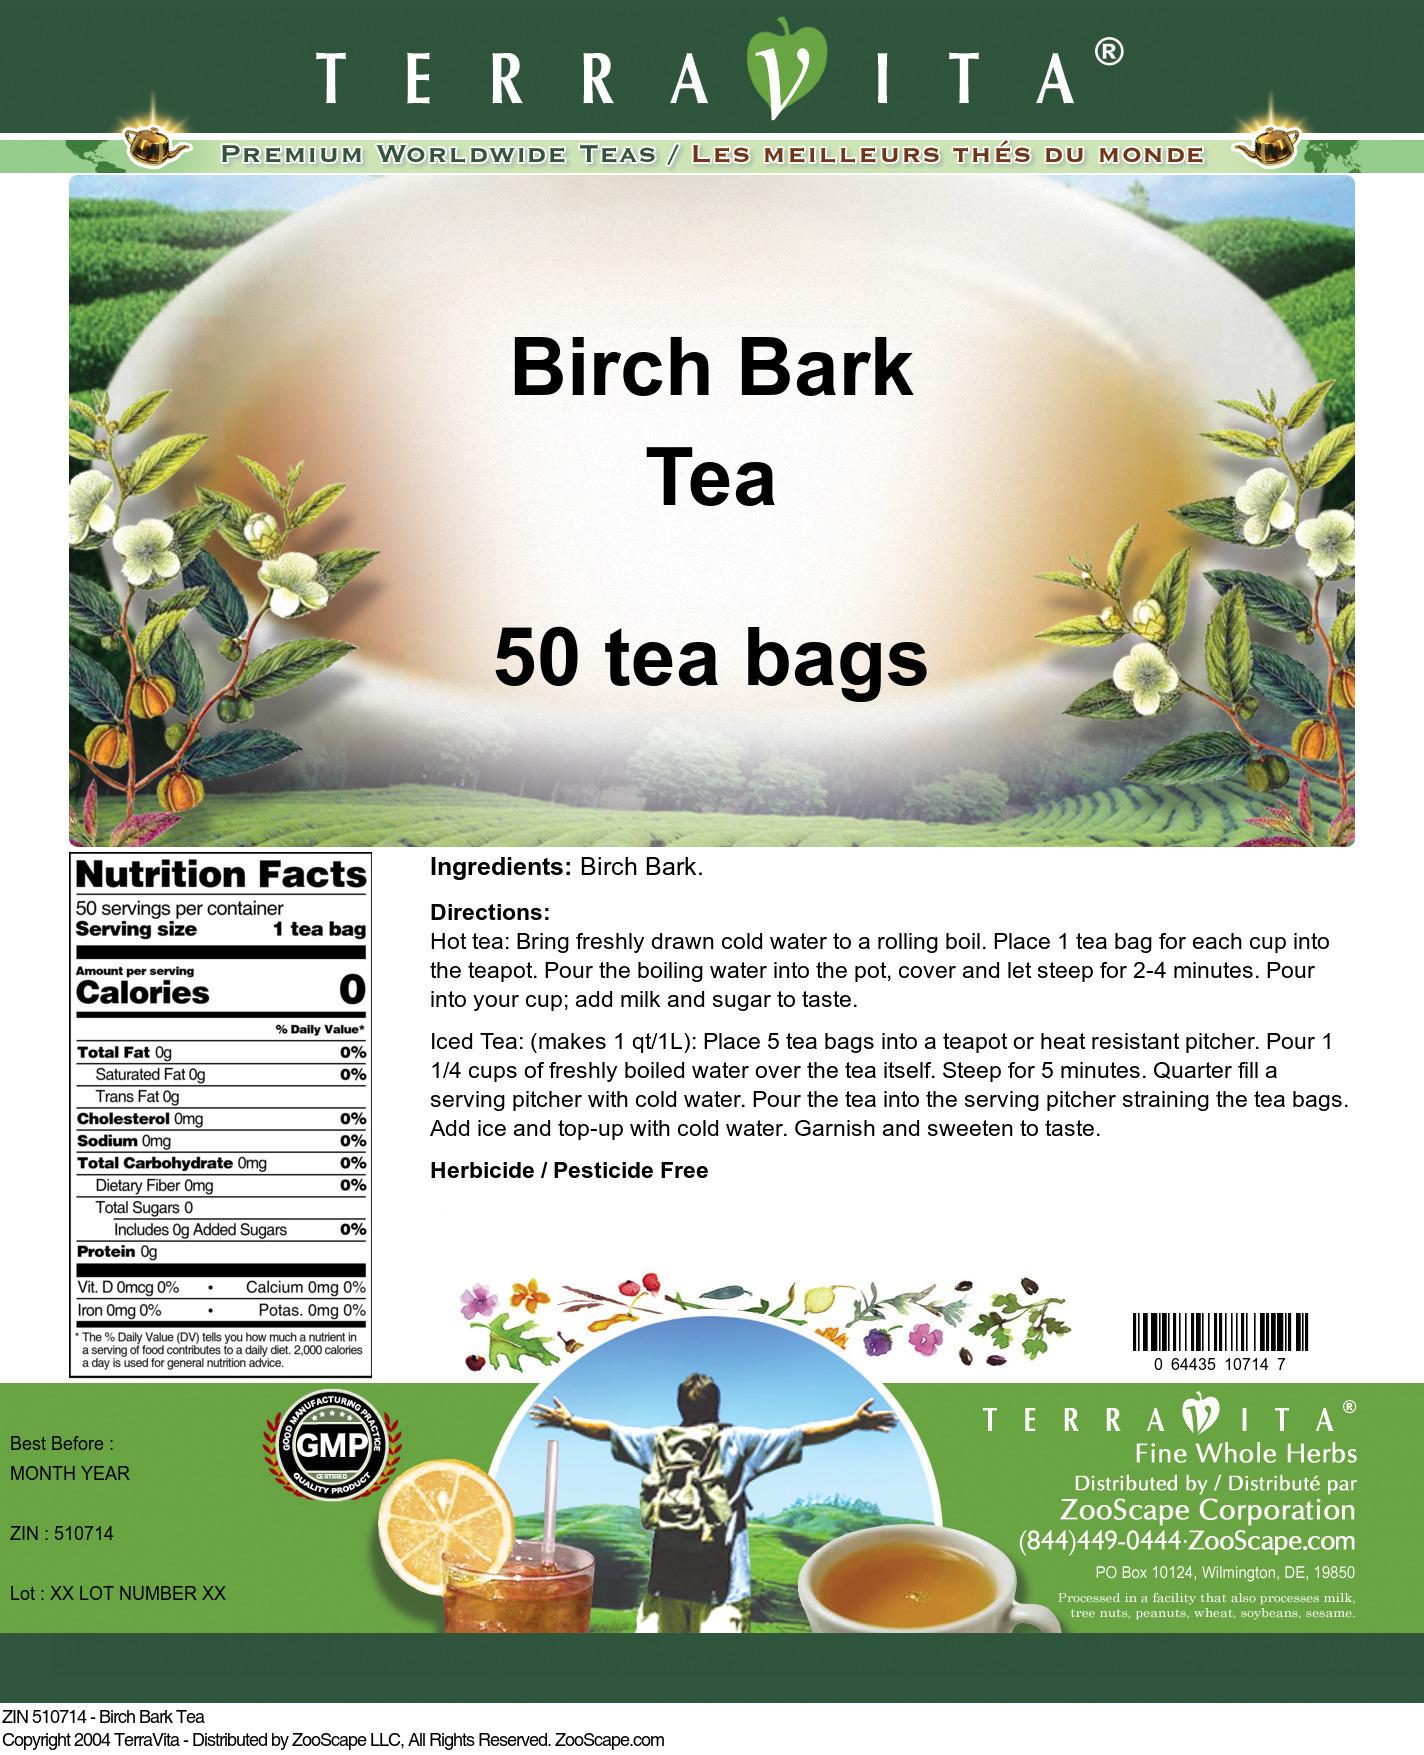 Birch Bark Tea